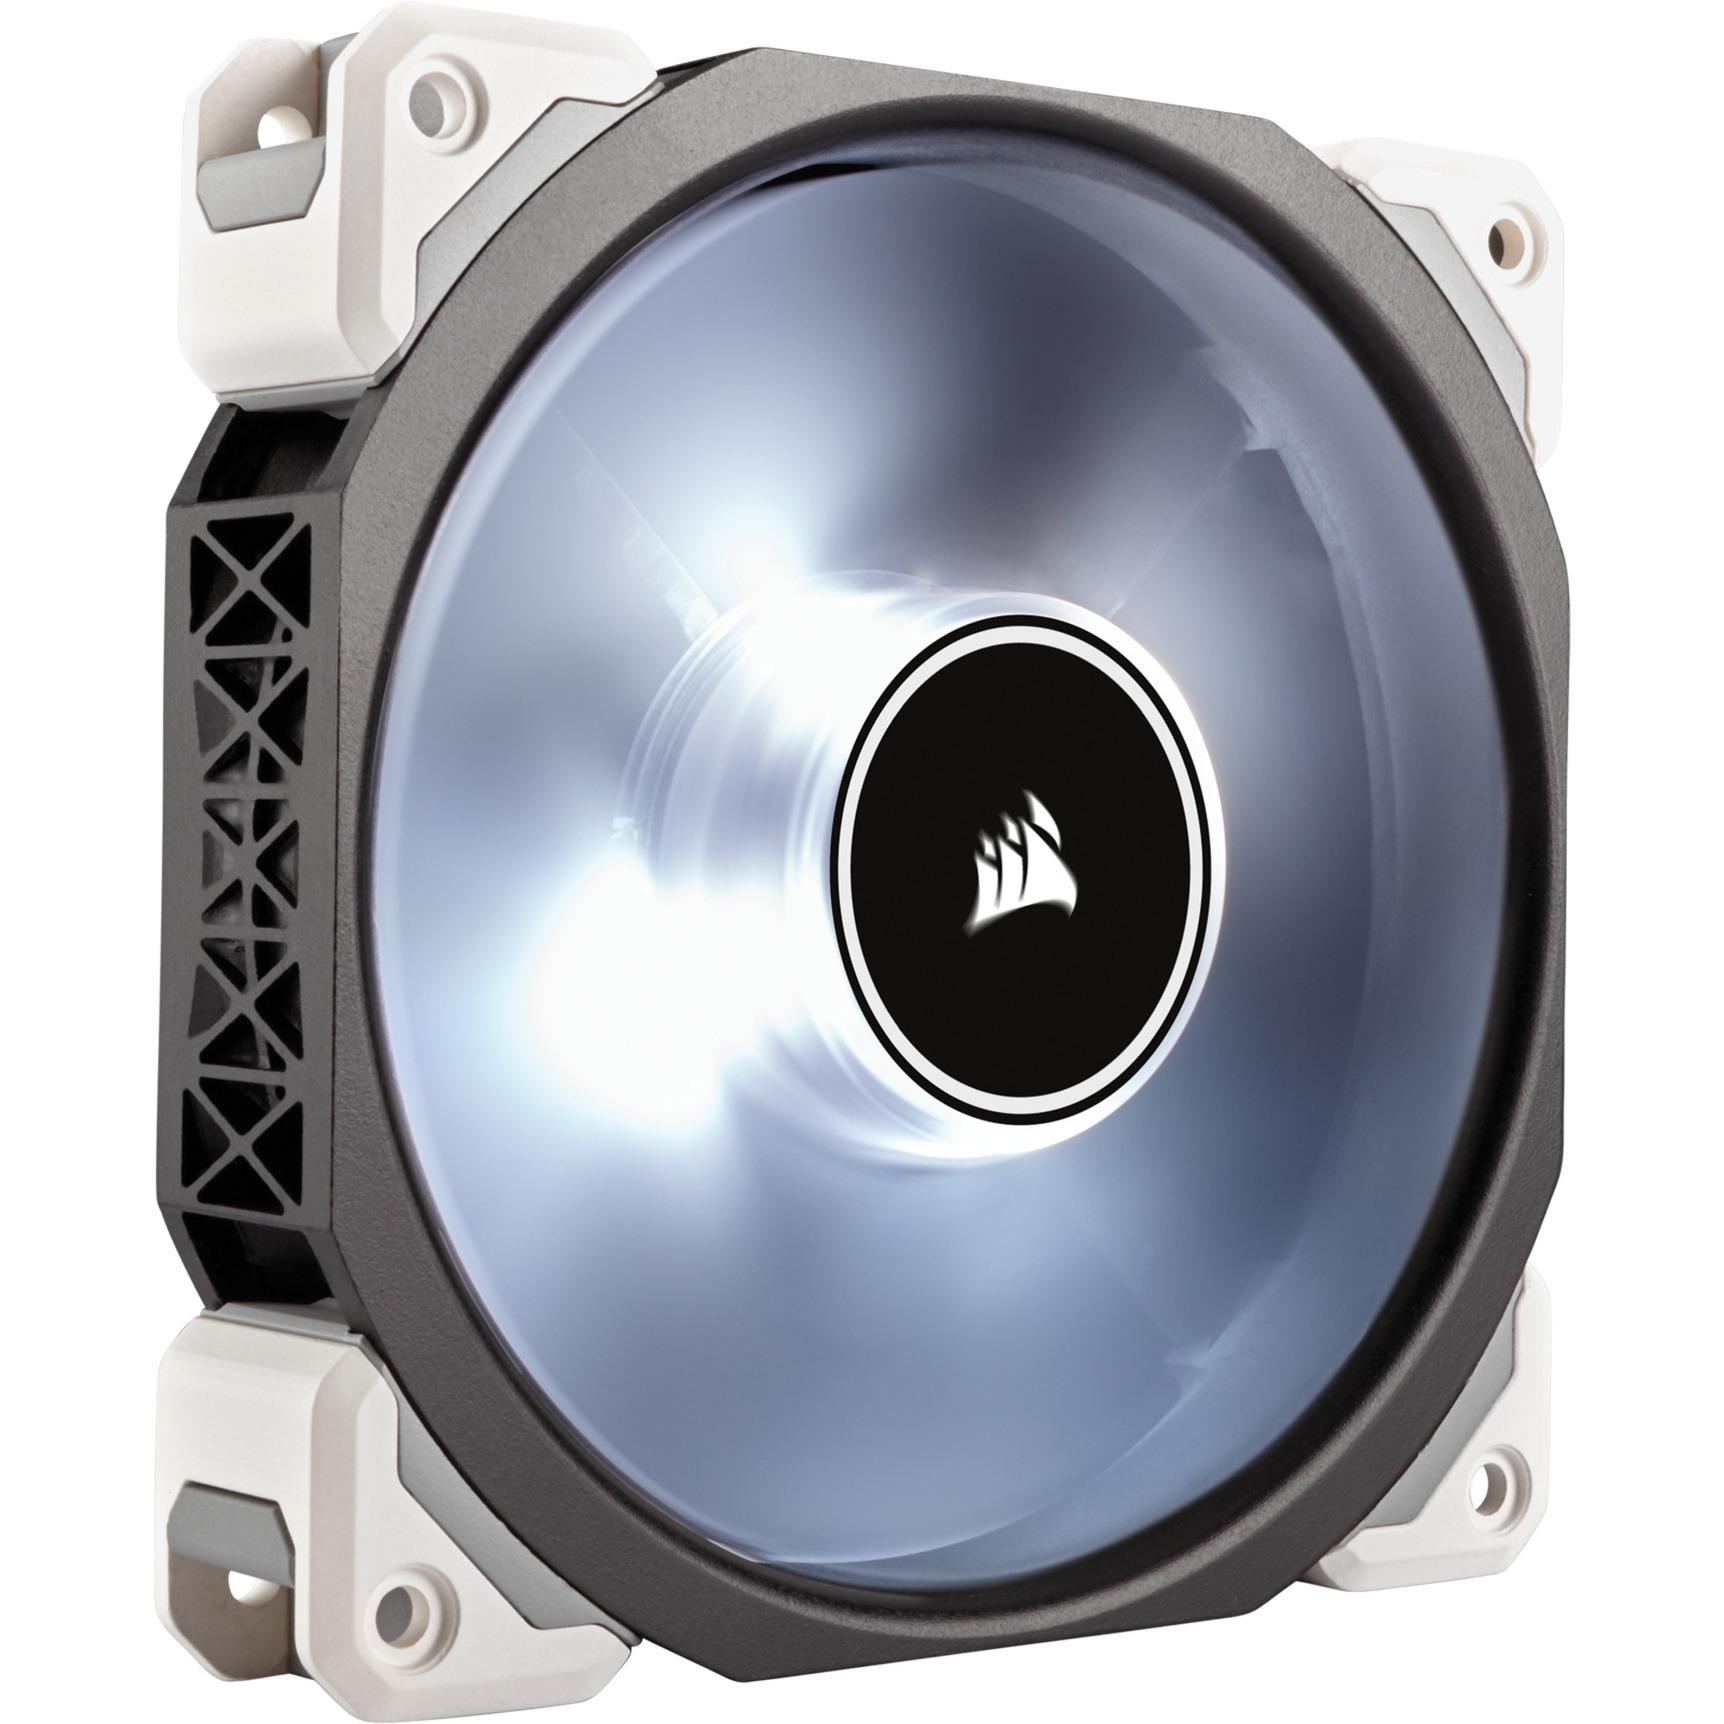 Air ML120 Pro Boitier PC Ventilateur 12 cm Noir, Transparent, Ventilateur de boîtier (Blanc, Boitier PC, Ventilateur, 12 cm, 400 trmin, 2400 trmin,